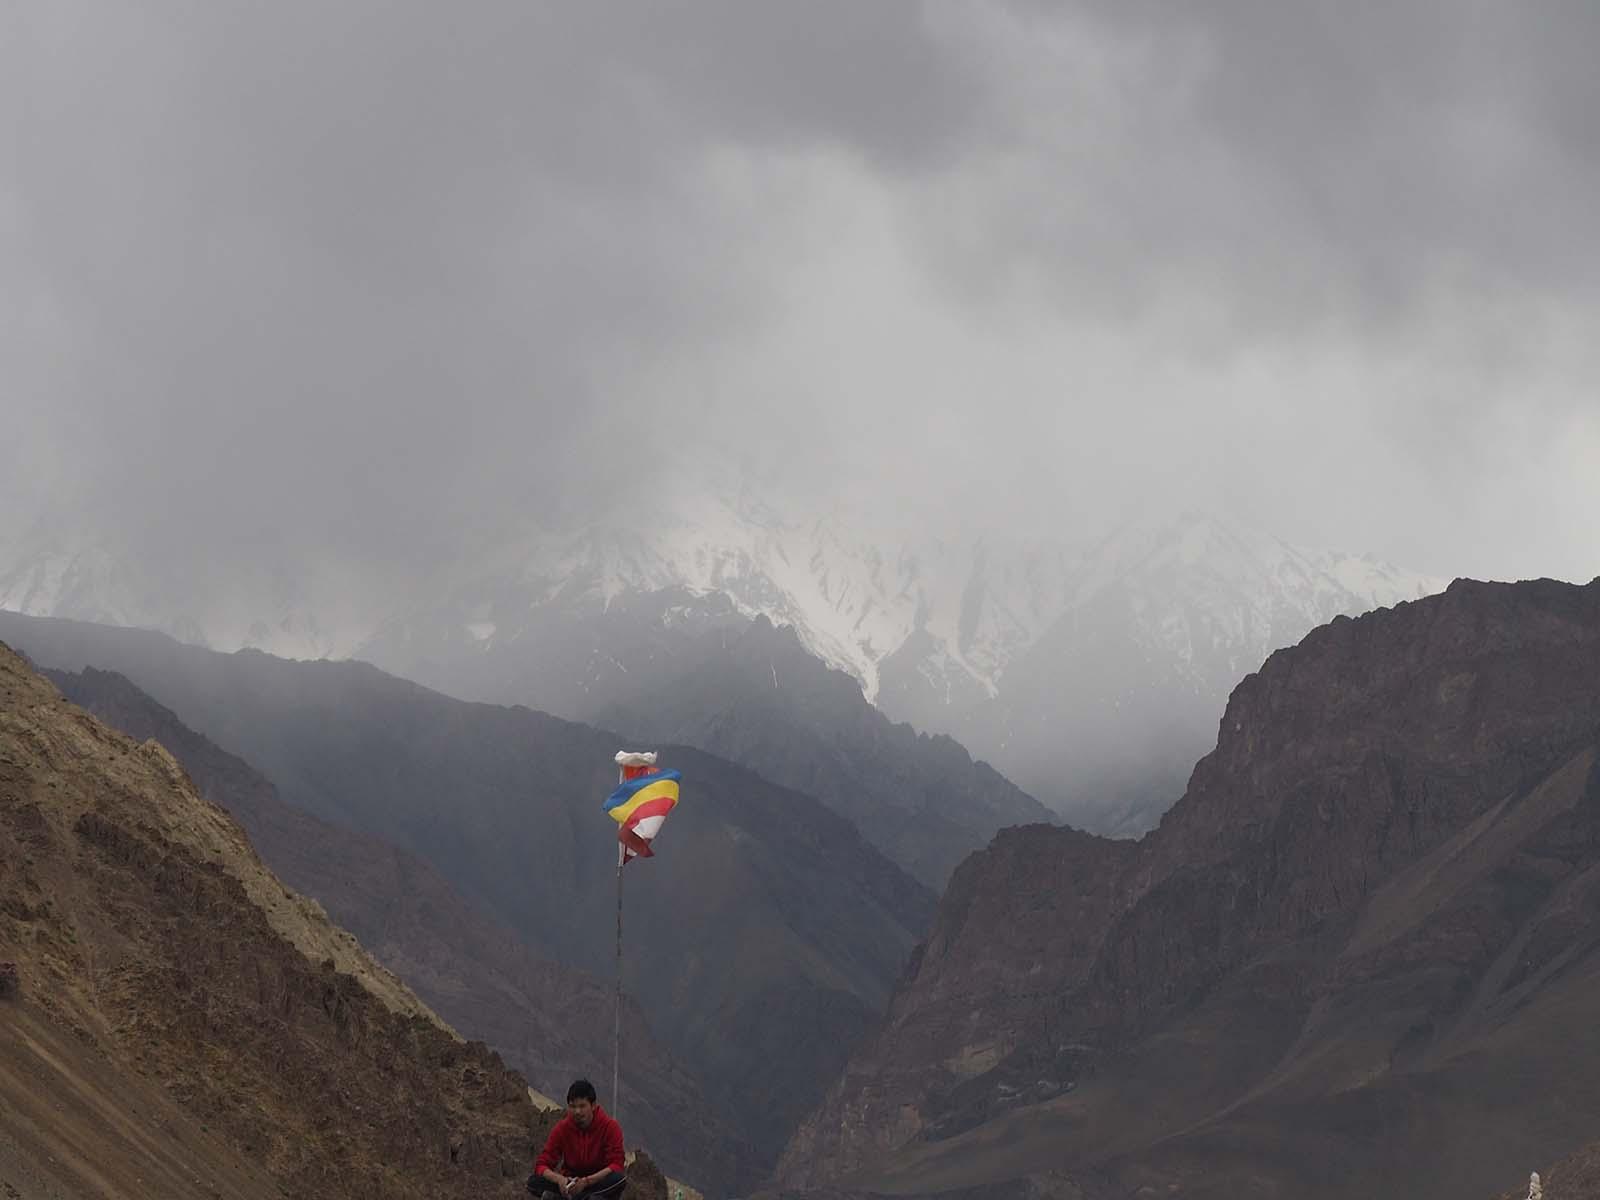 Kurjakuulutavad loodusjõud saabuvad mägedes tihti ootamatult.